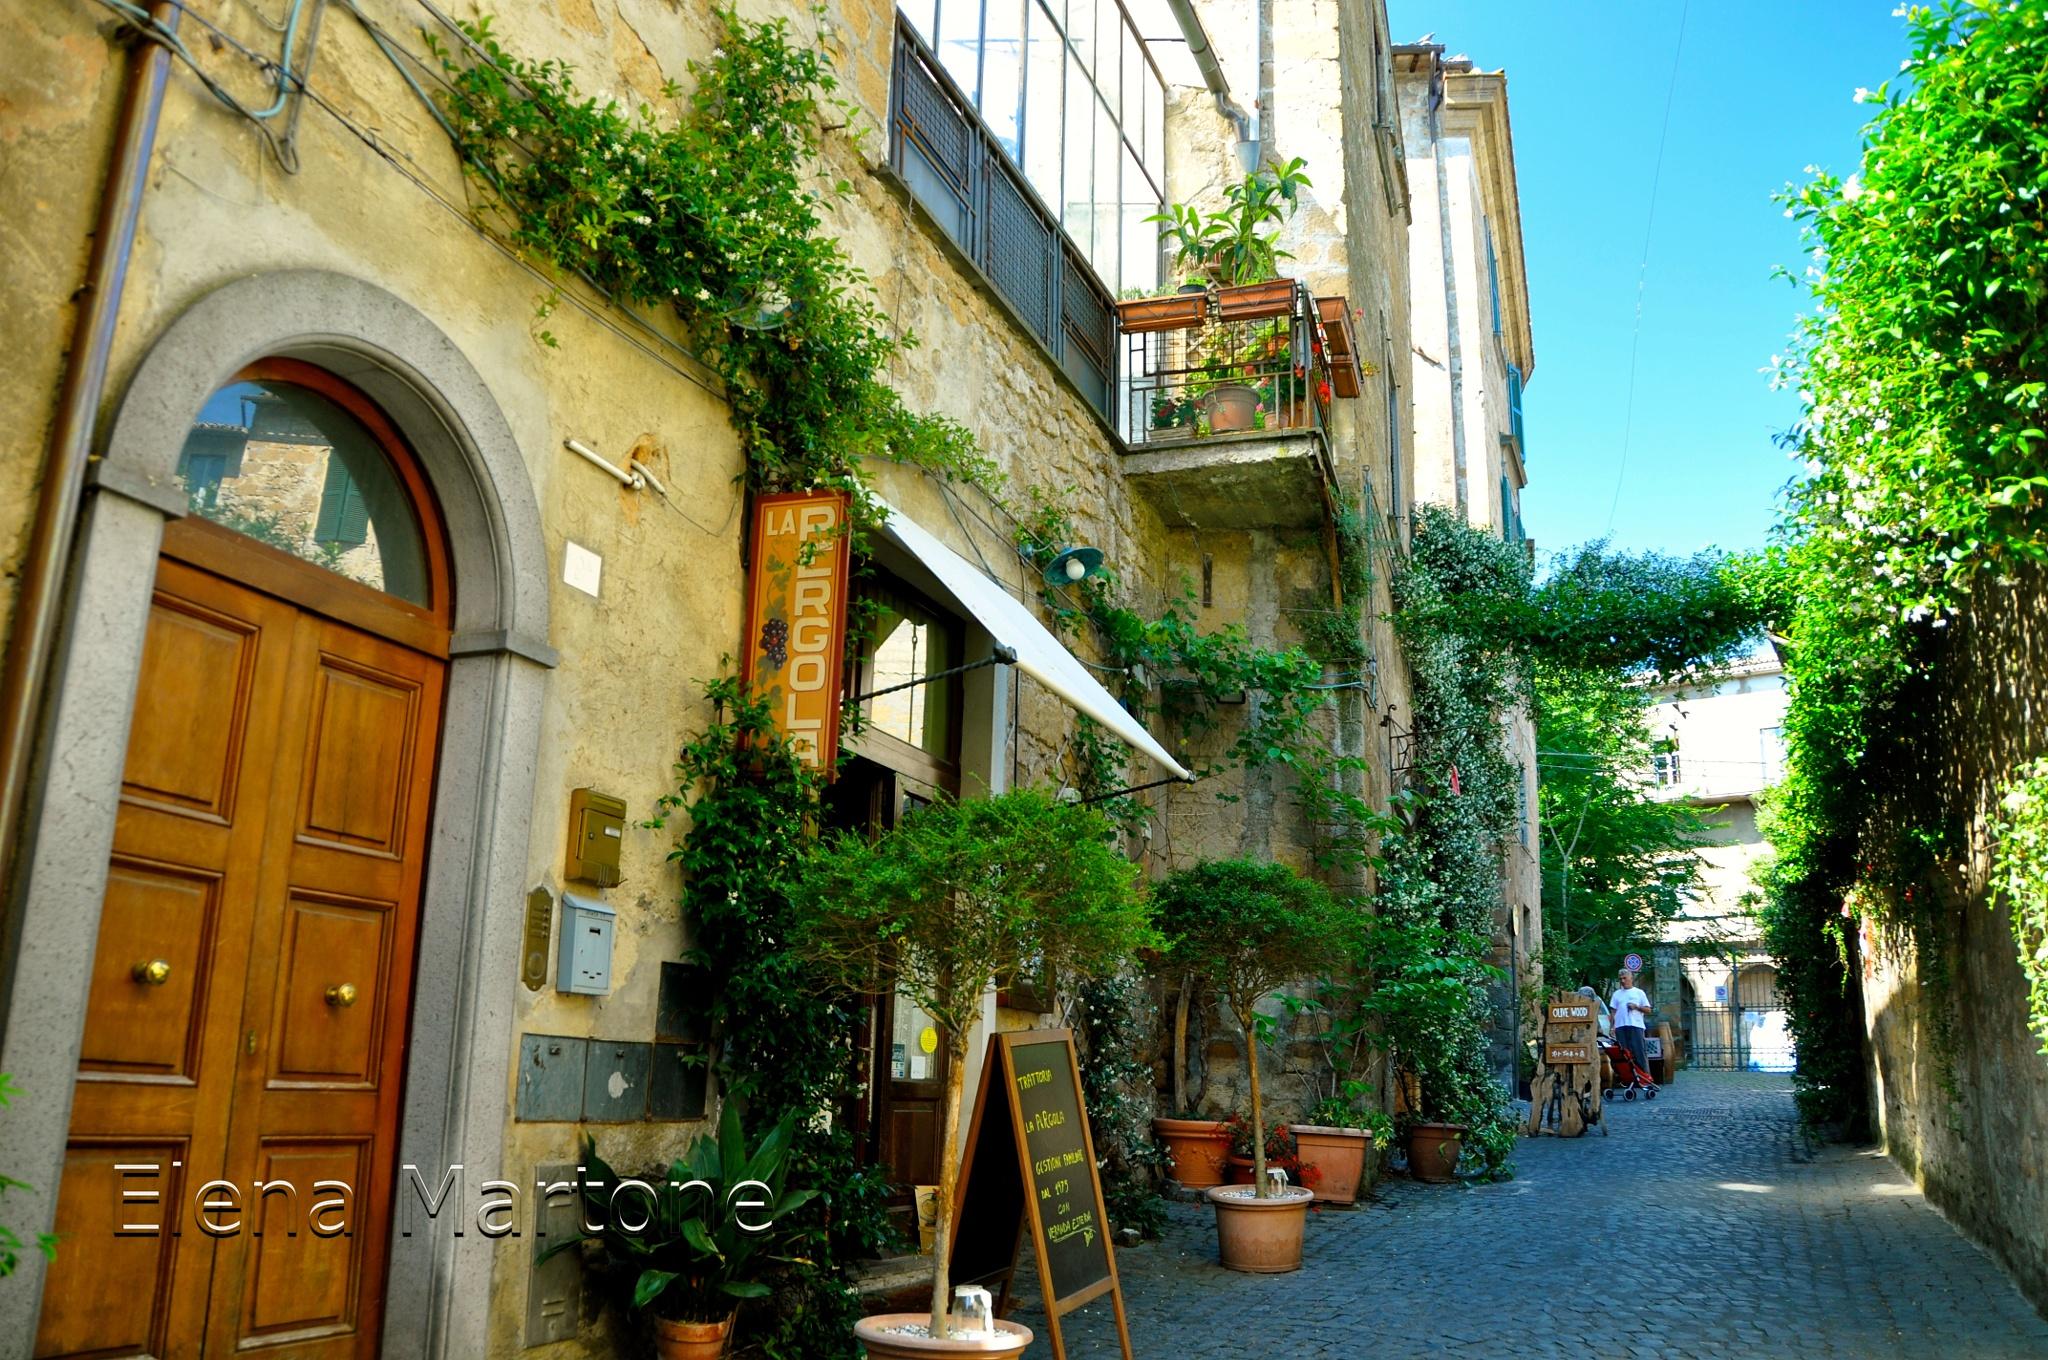 Orvieto by elenamartone